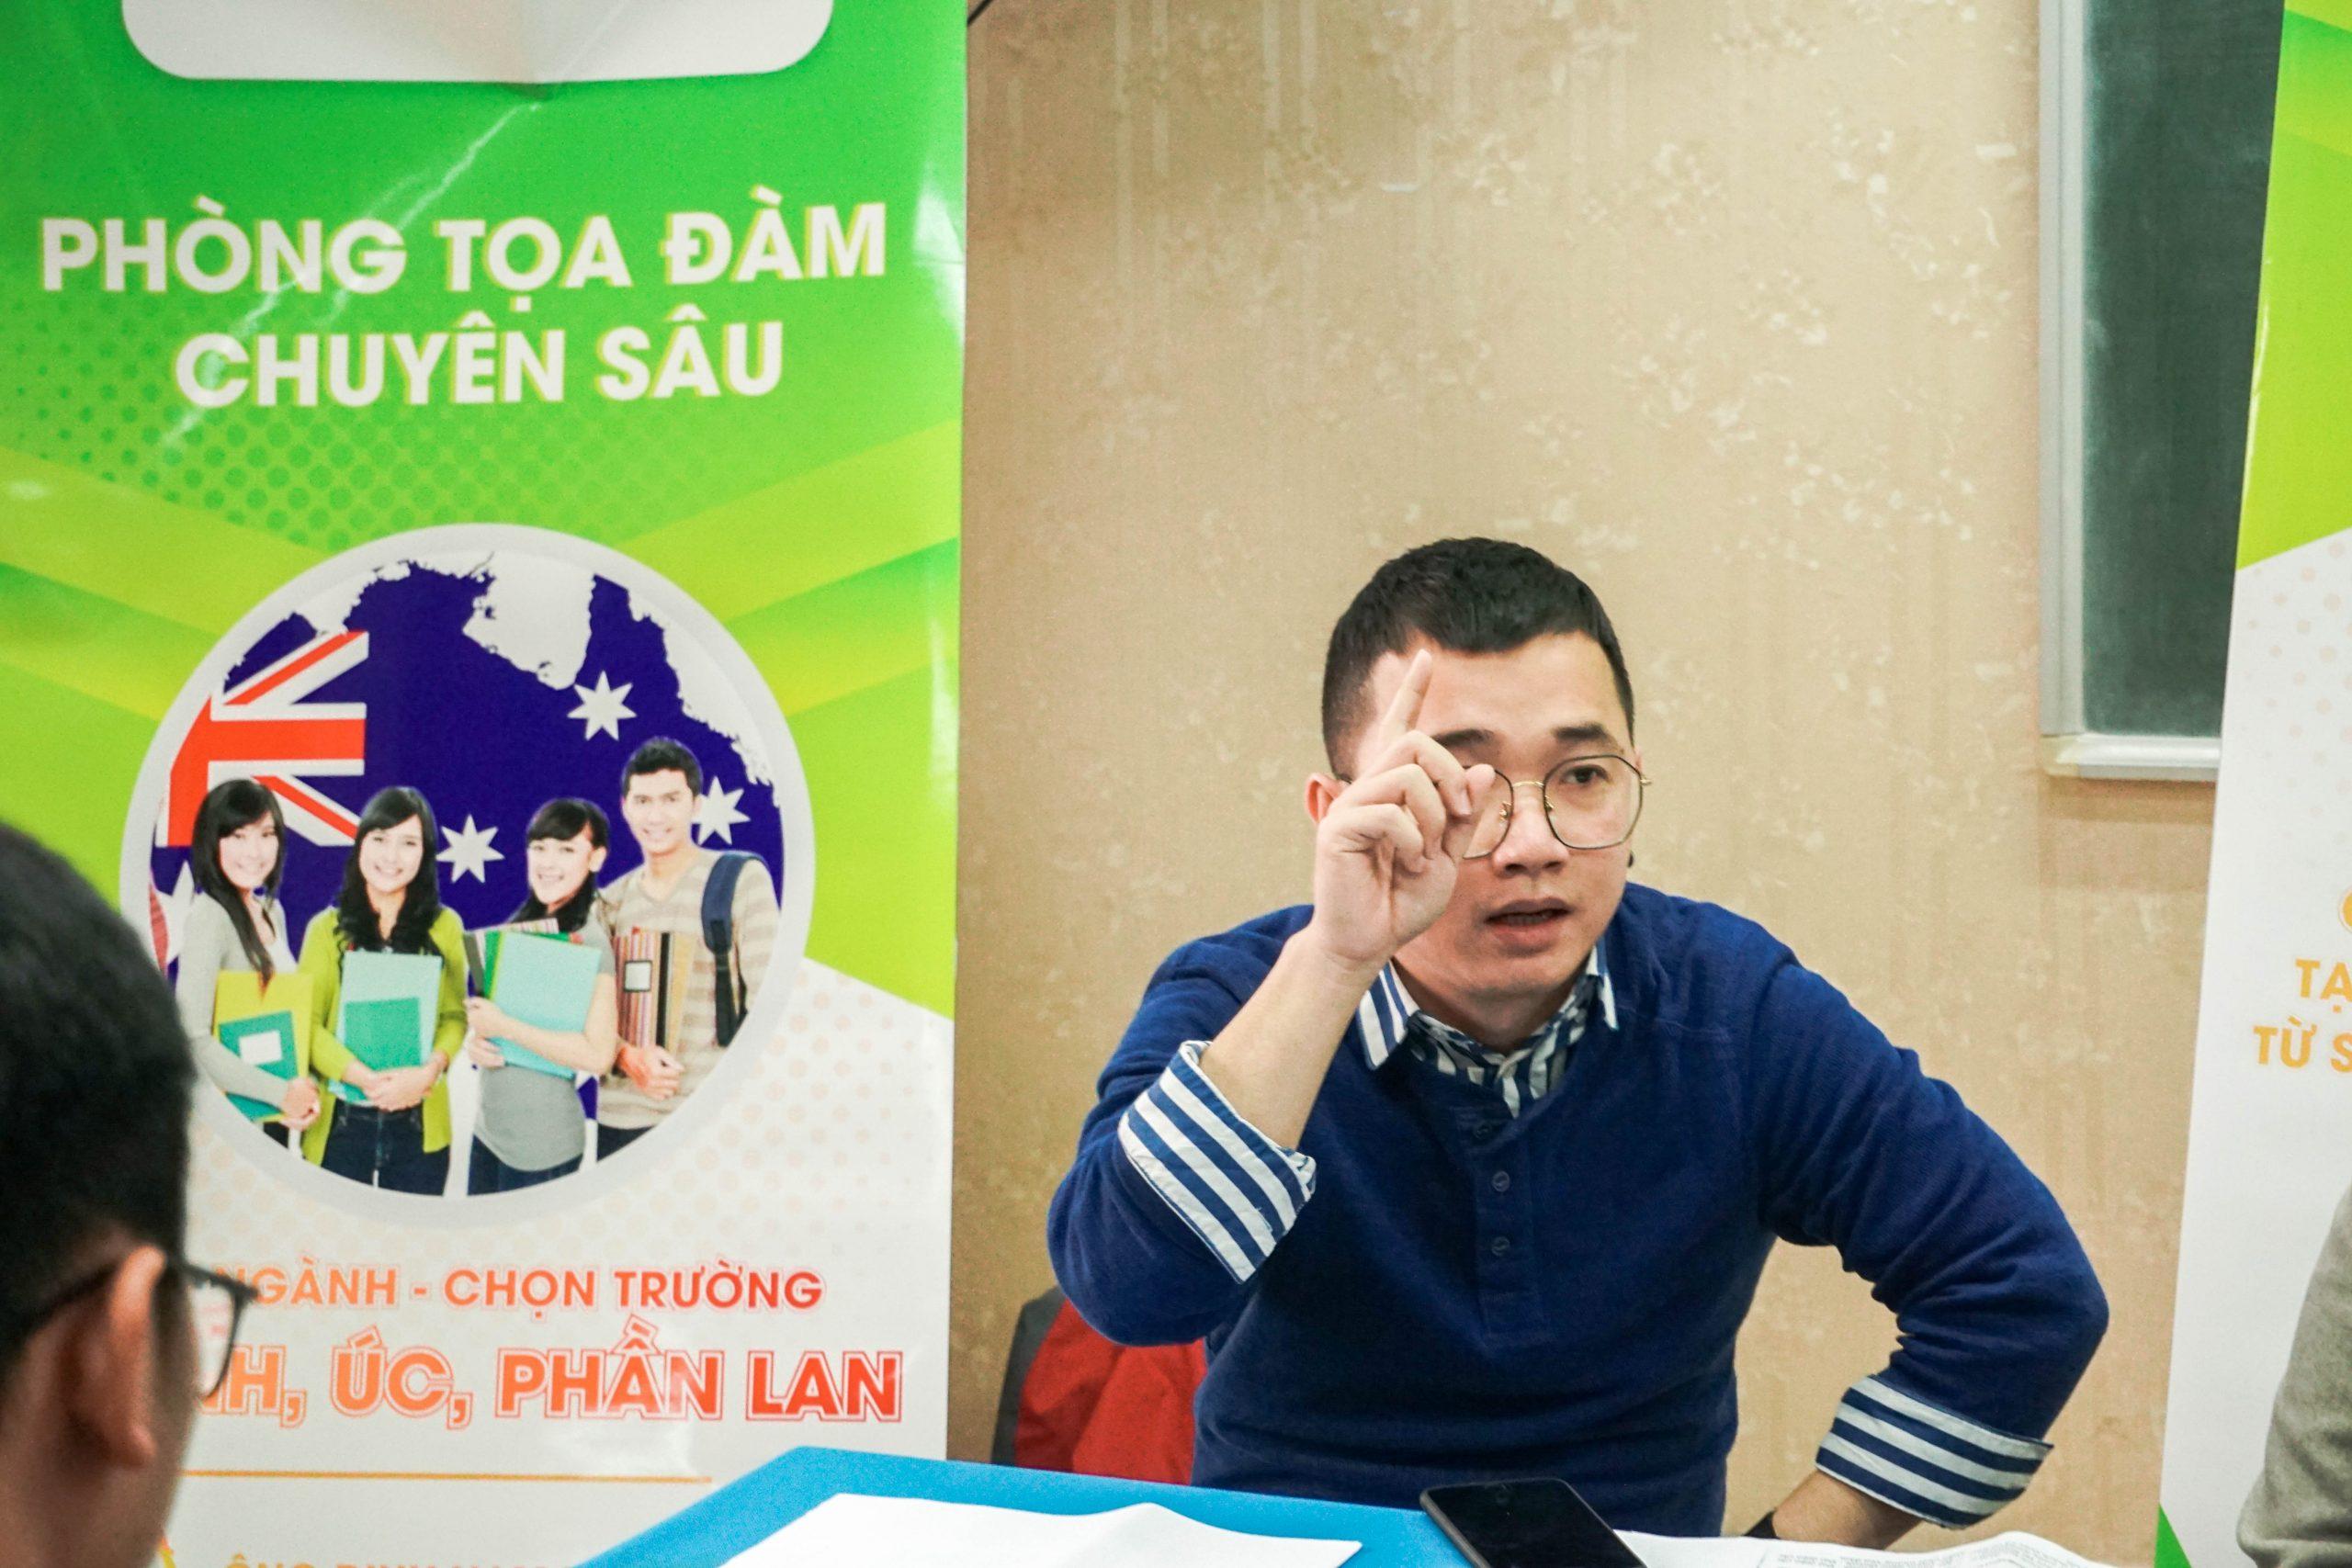 Ông Đinh Nam Phương - Đại diện các trường tại Anh, Úc chia sẻ những thông tin về ngành HOT - Lương KHỦNG tại các quốc gia này